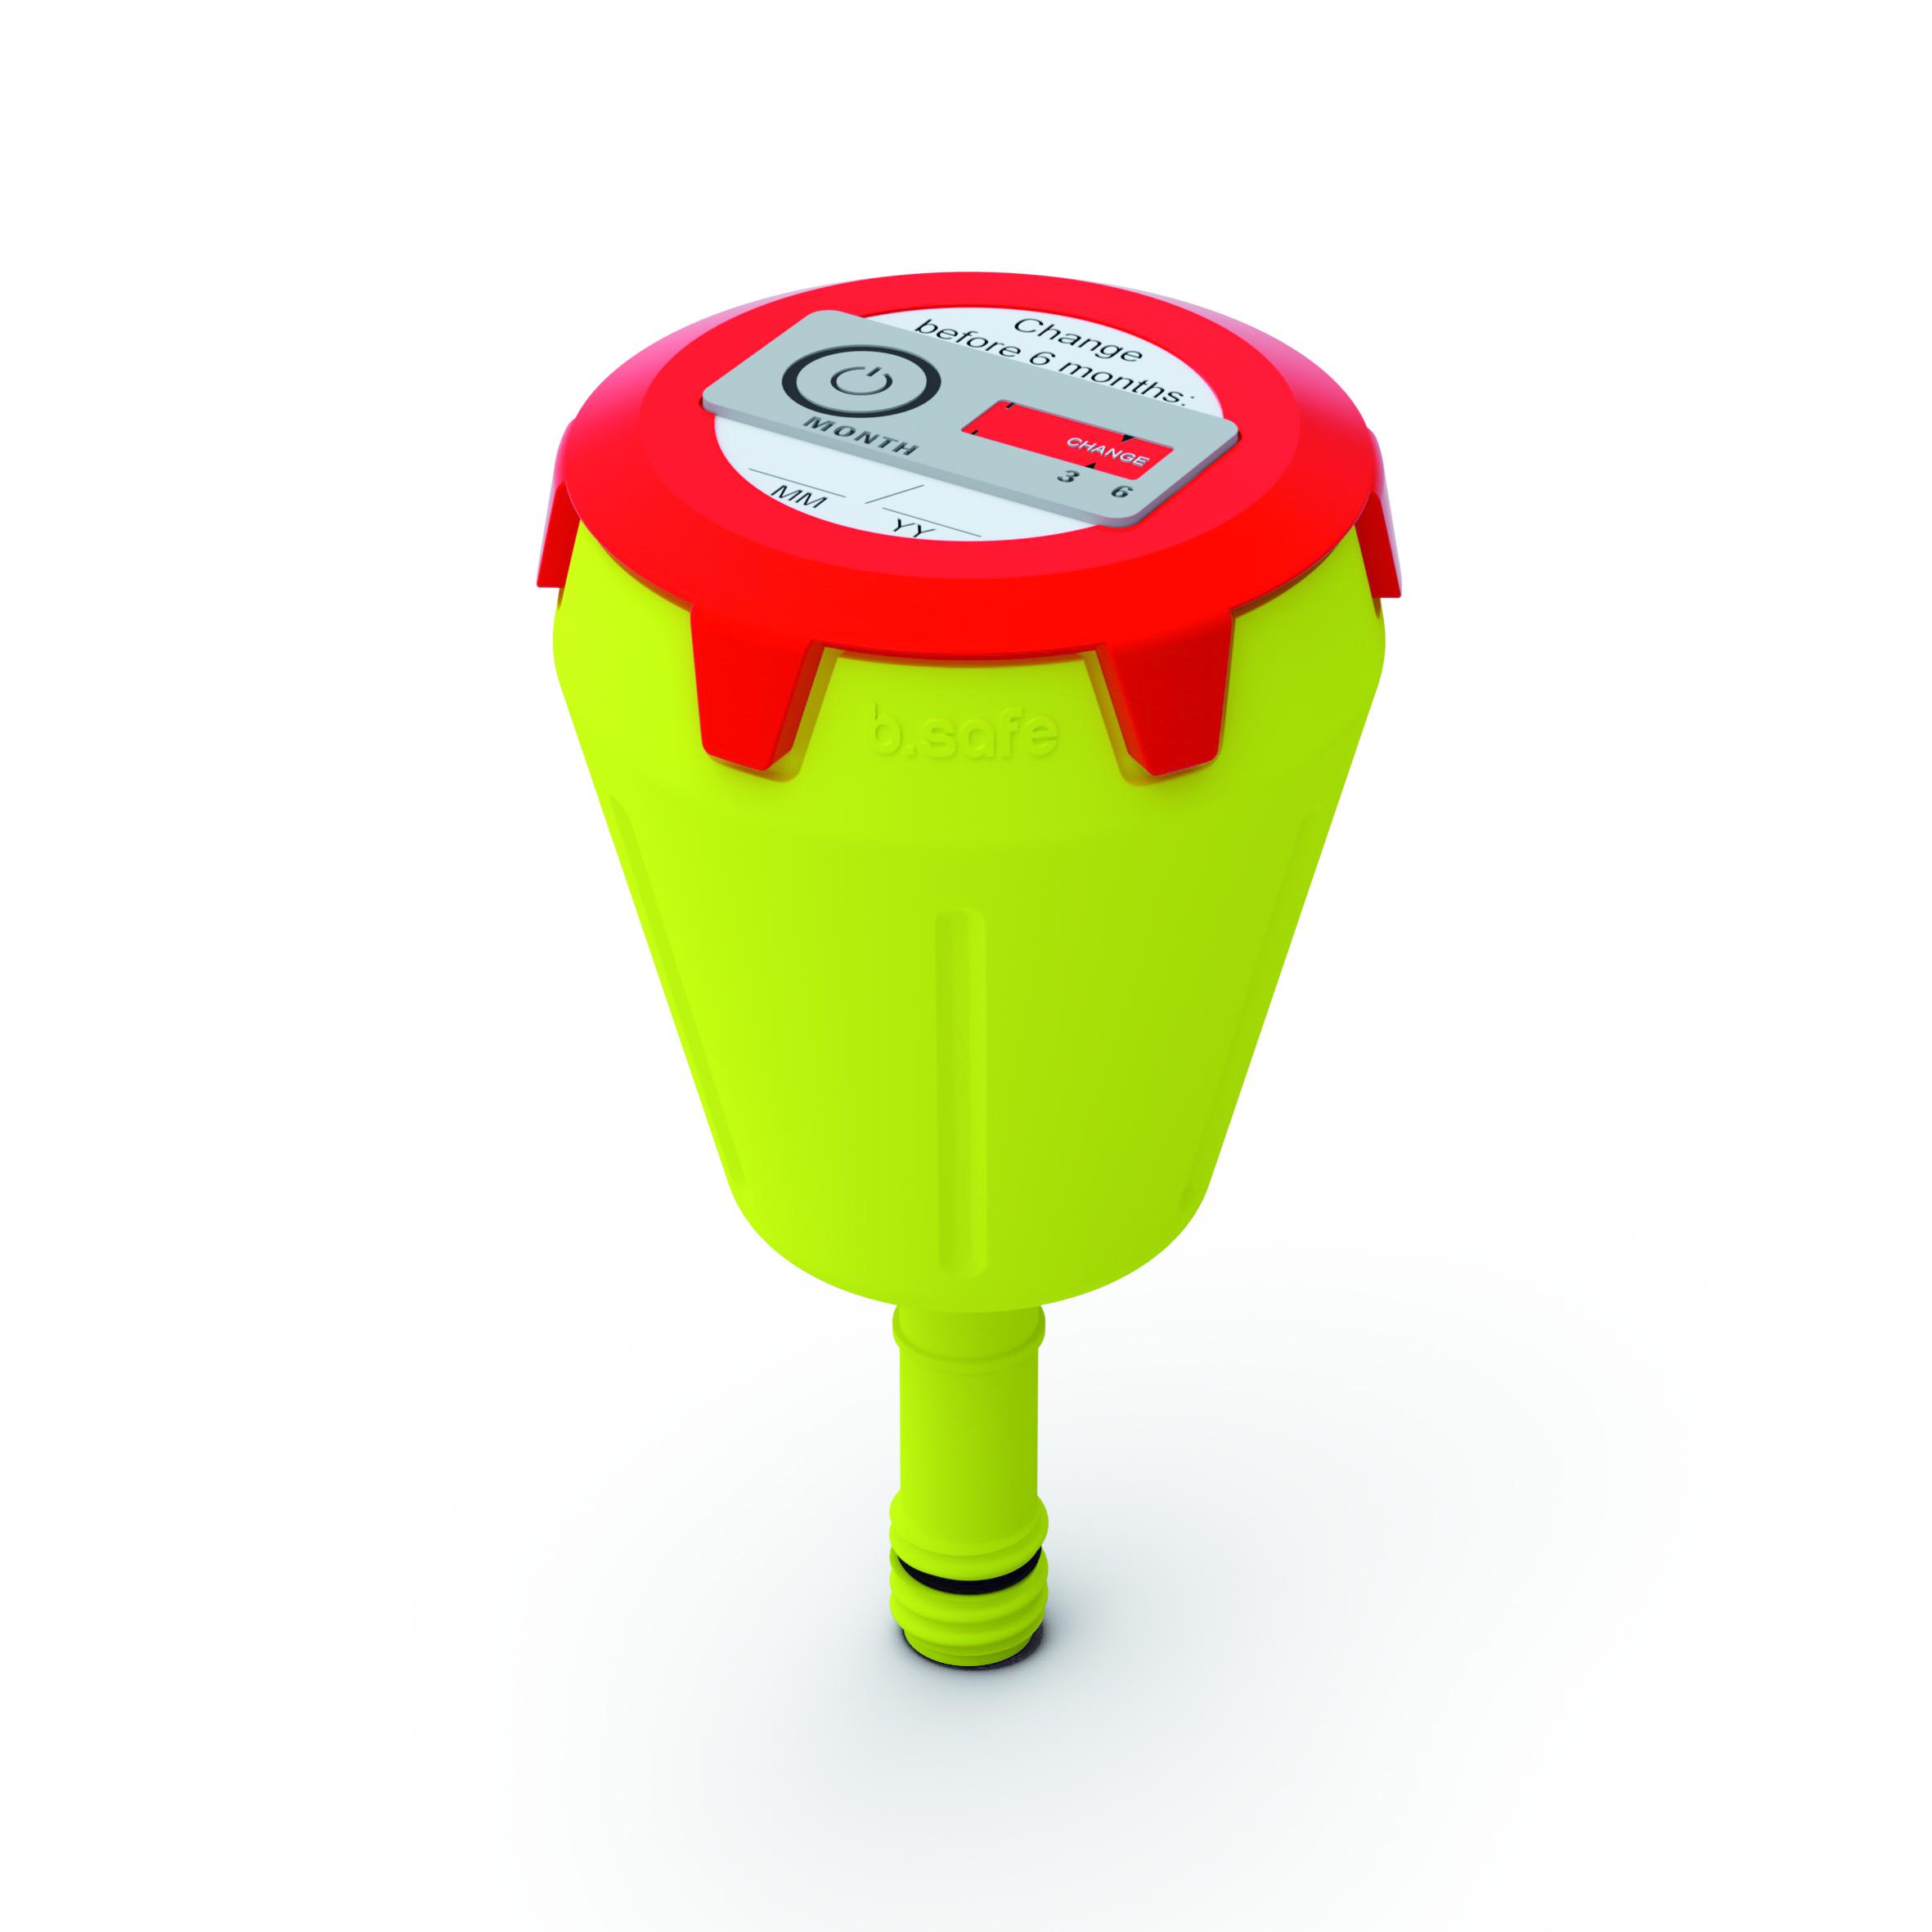 Abluftfilter  Filtergehäuse aus PP mit Anschluss (Gewinde GL14) passend für b.safe Waste Caps. Deckel mit Belü